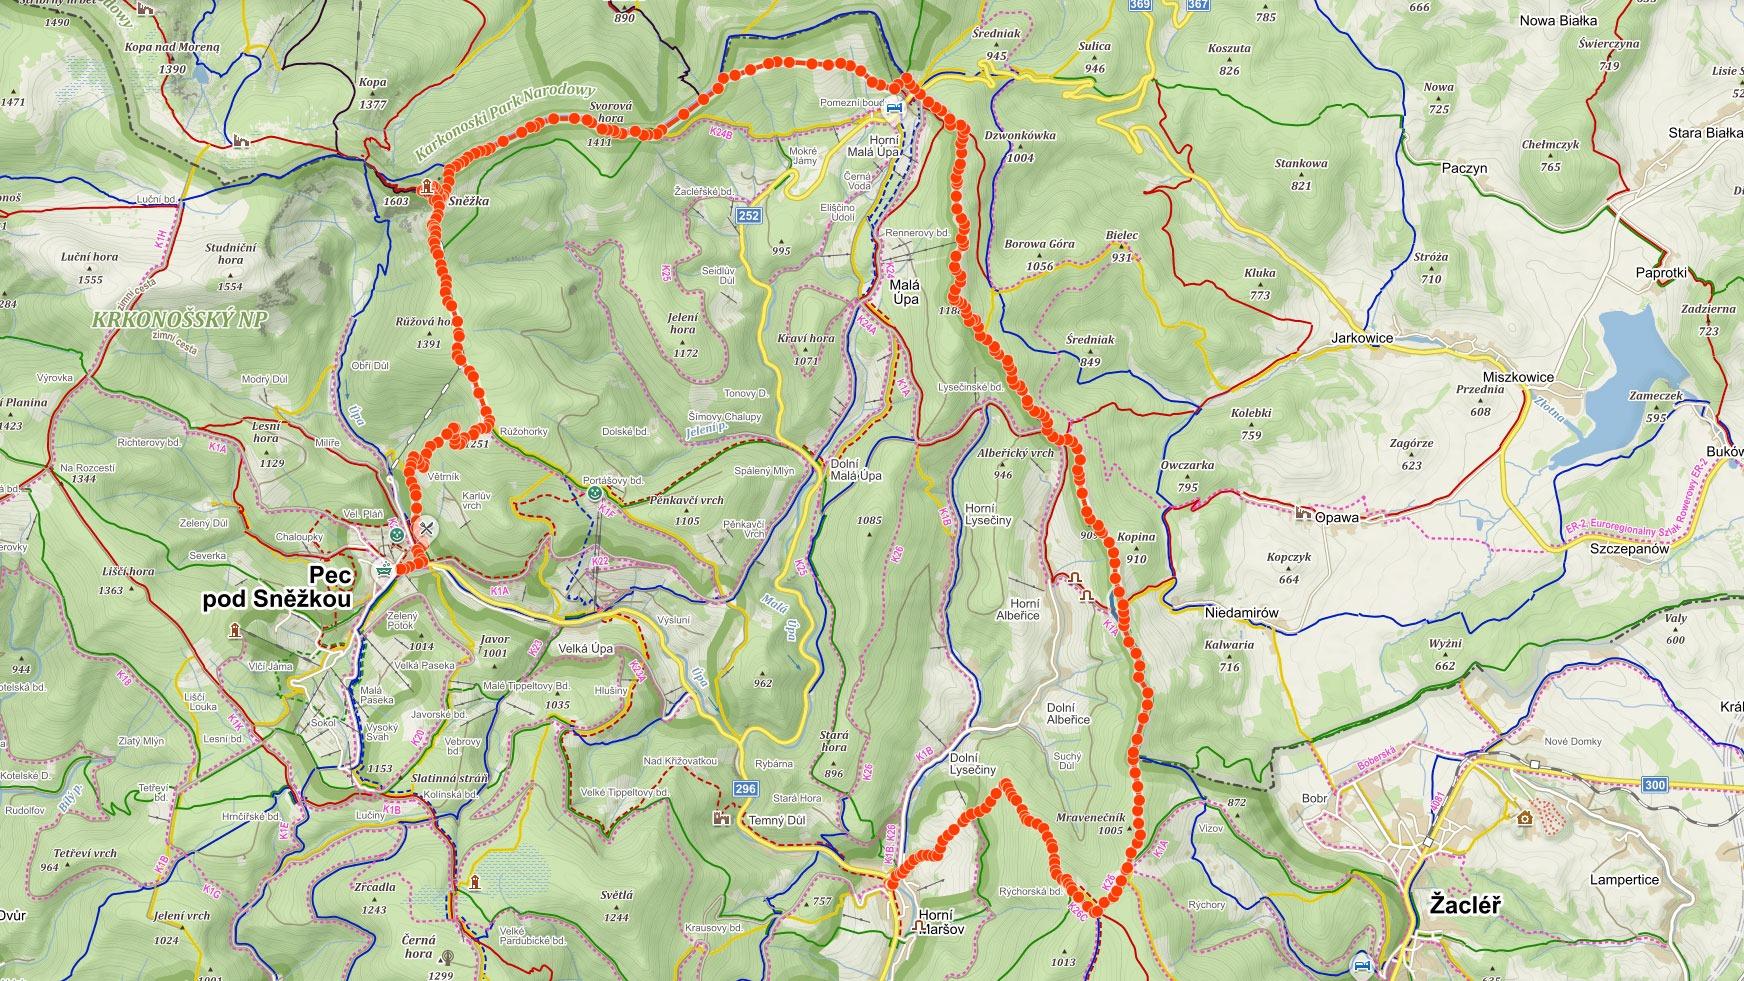 Trasa popisovaného výletu v Krkonoších na Sněžku na mapě